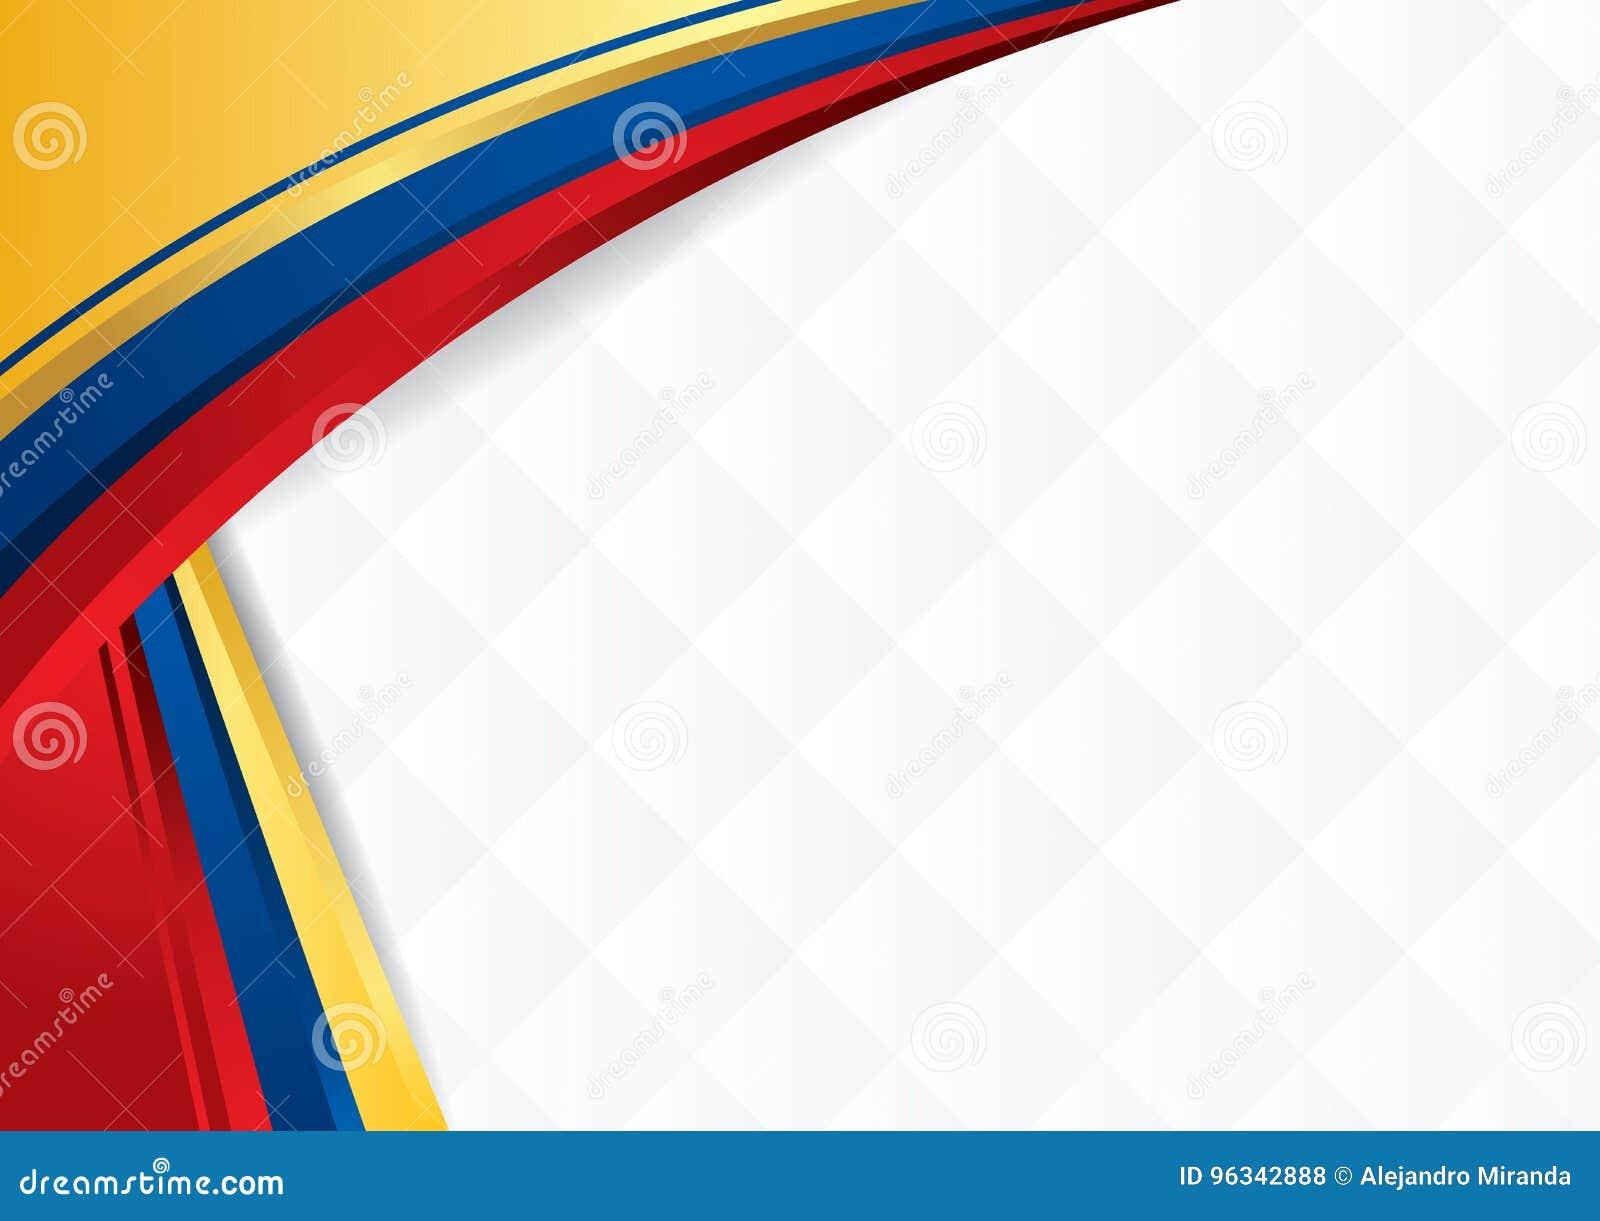 fondo abstracto con formas con los colores de la bandera